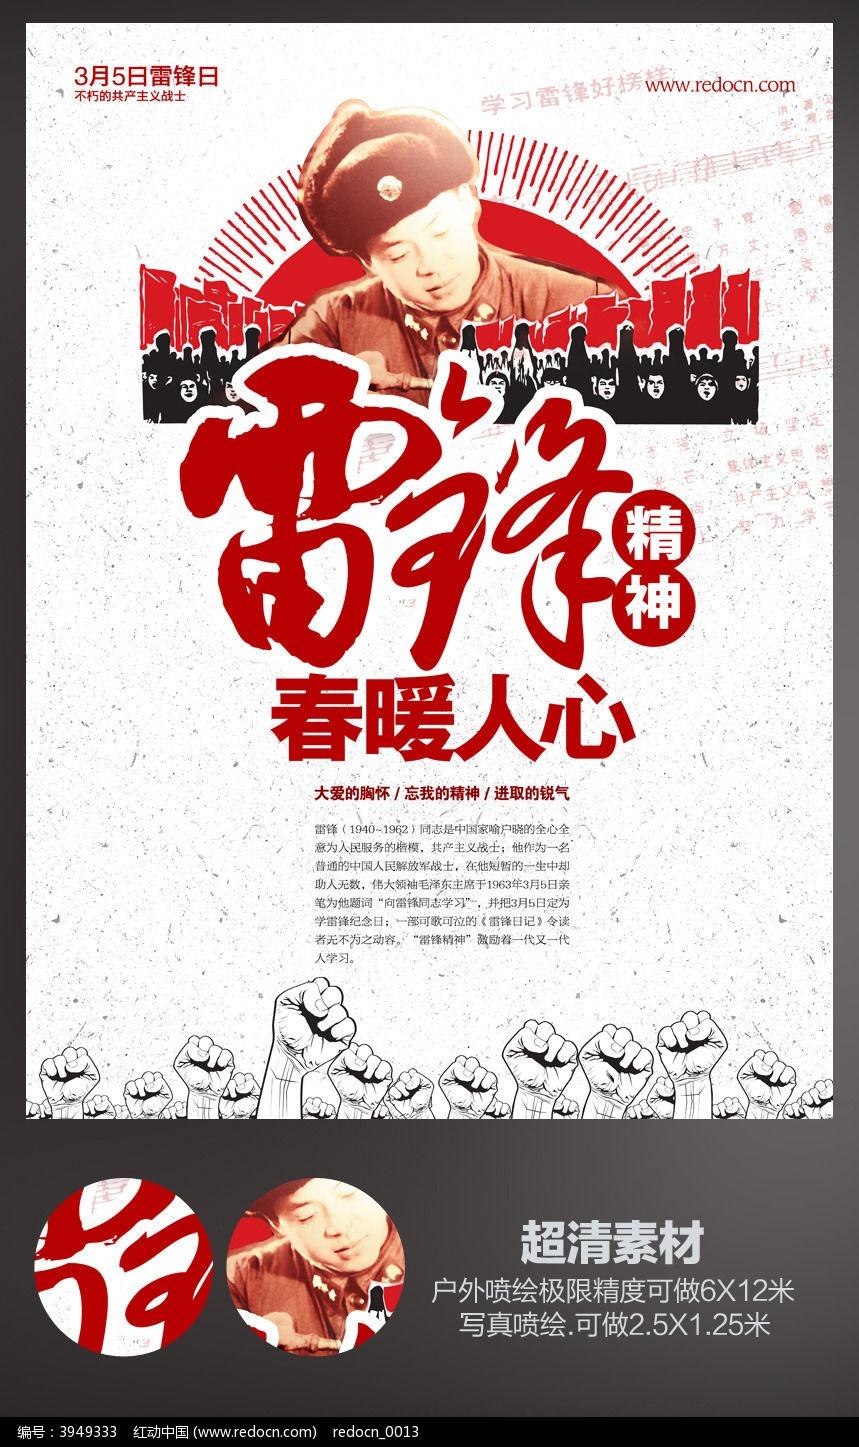 3月5日雷锋日宣传海报